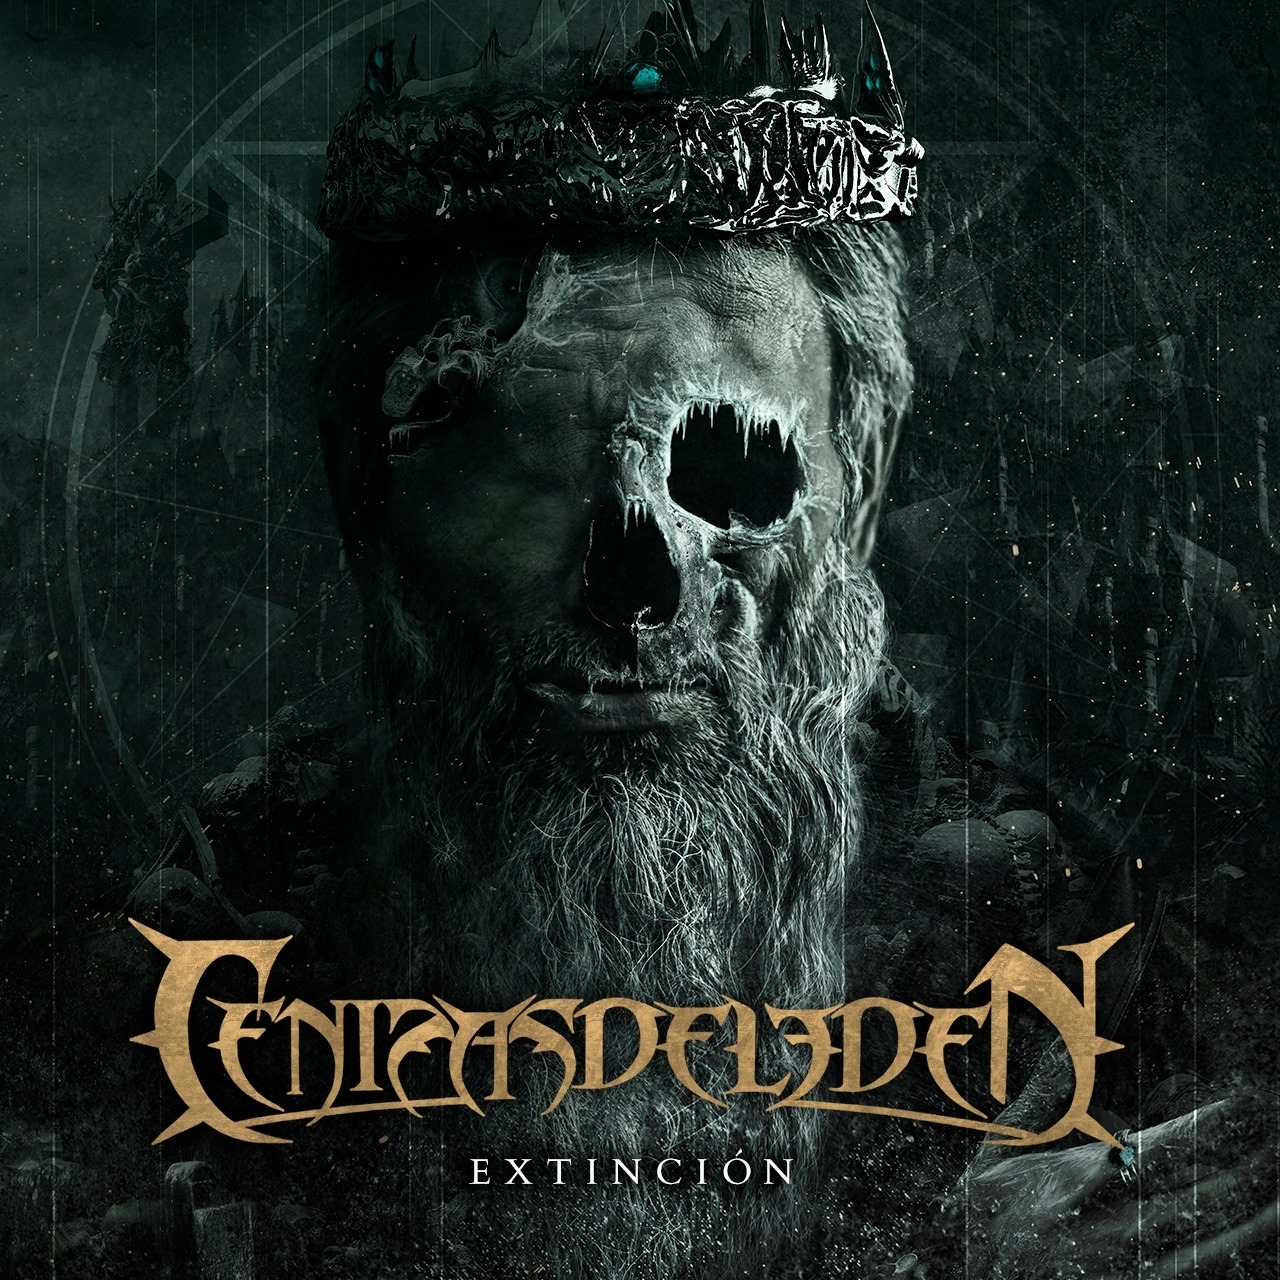 [Reseña] de «Extinción» el nuevo disco de CENIZAS DEL EDÉN